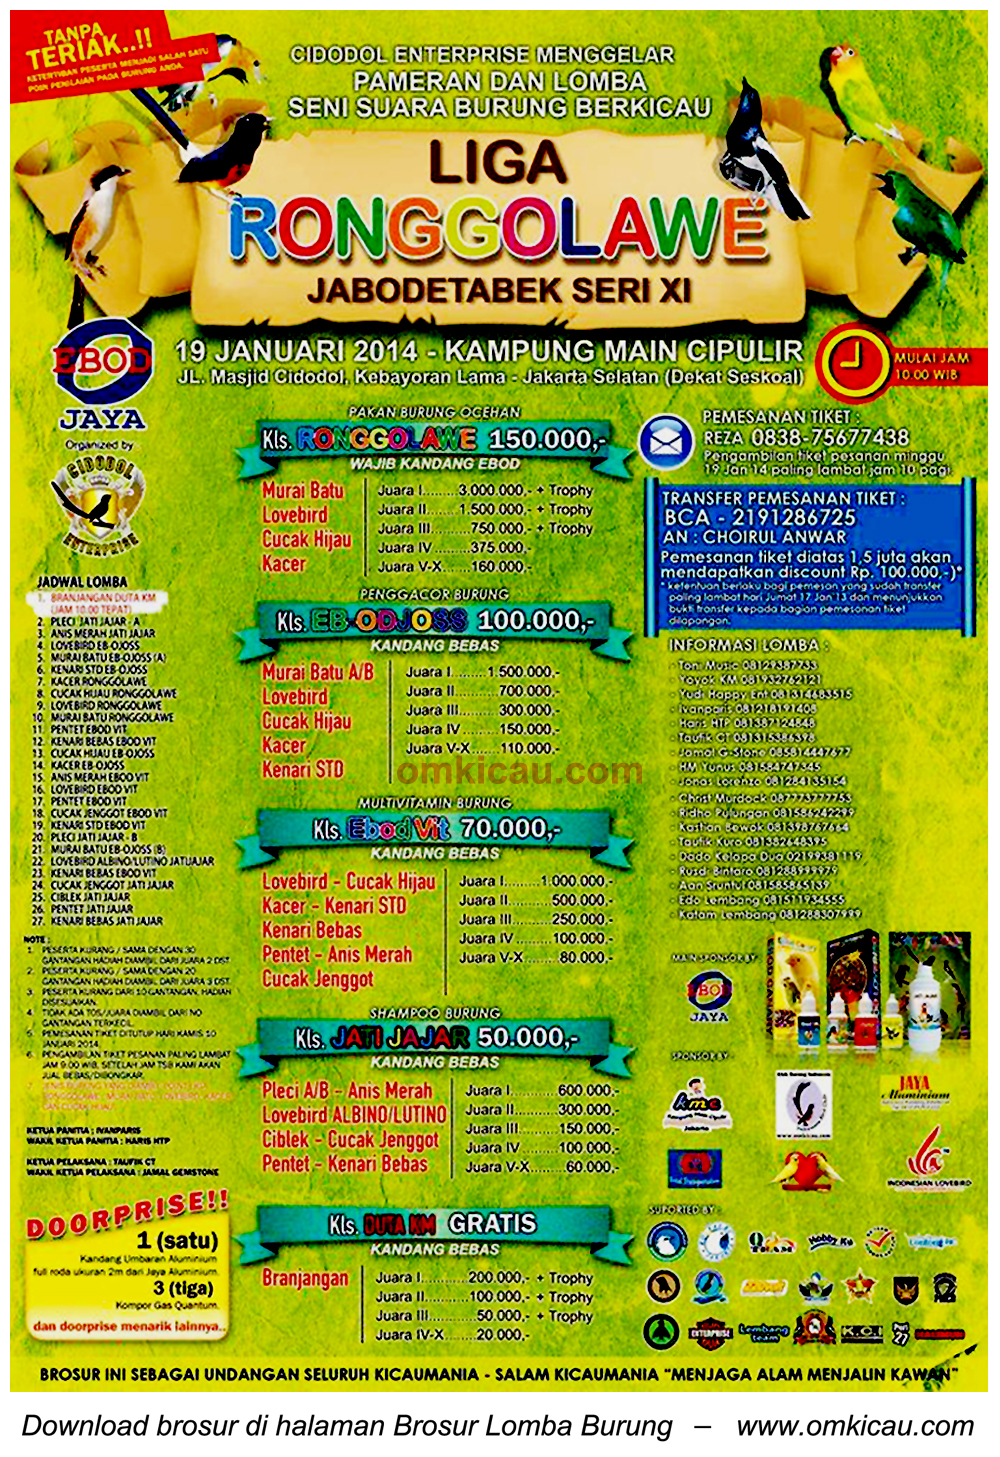 Brosur Lomba Burung Liga Ronggolawe Jabodetabek Seri XI, Jakarta, 19 Januari 2014